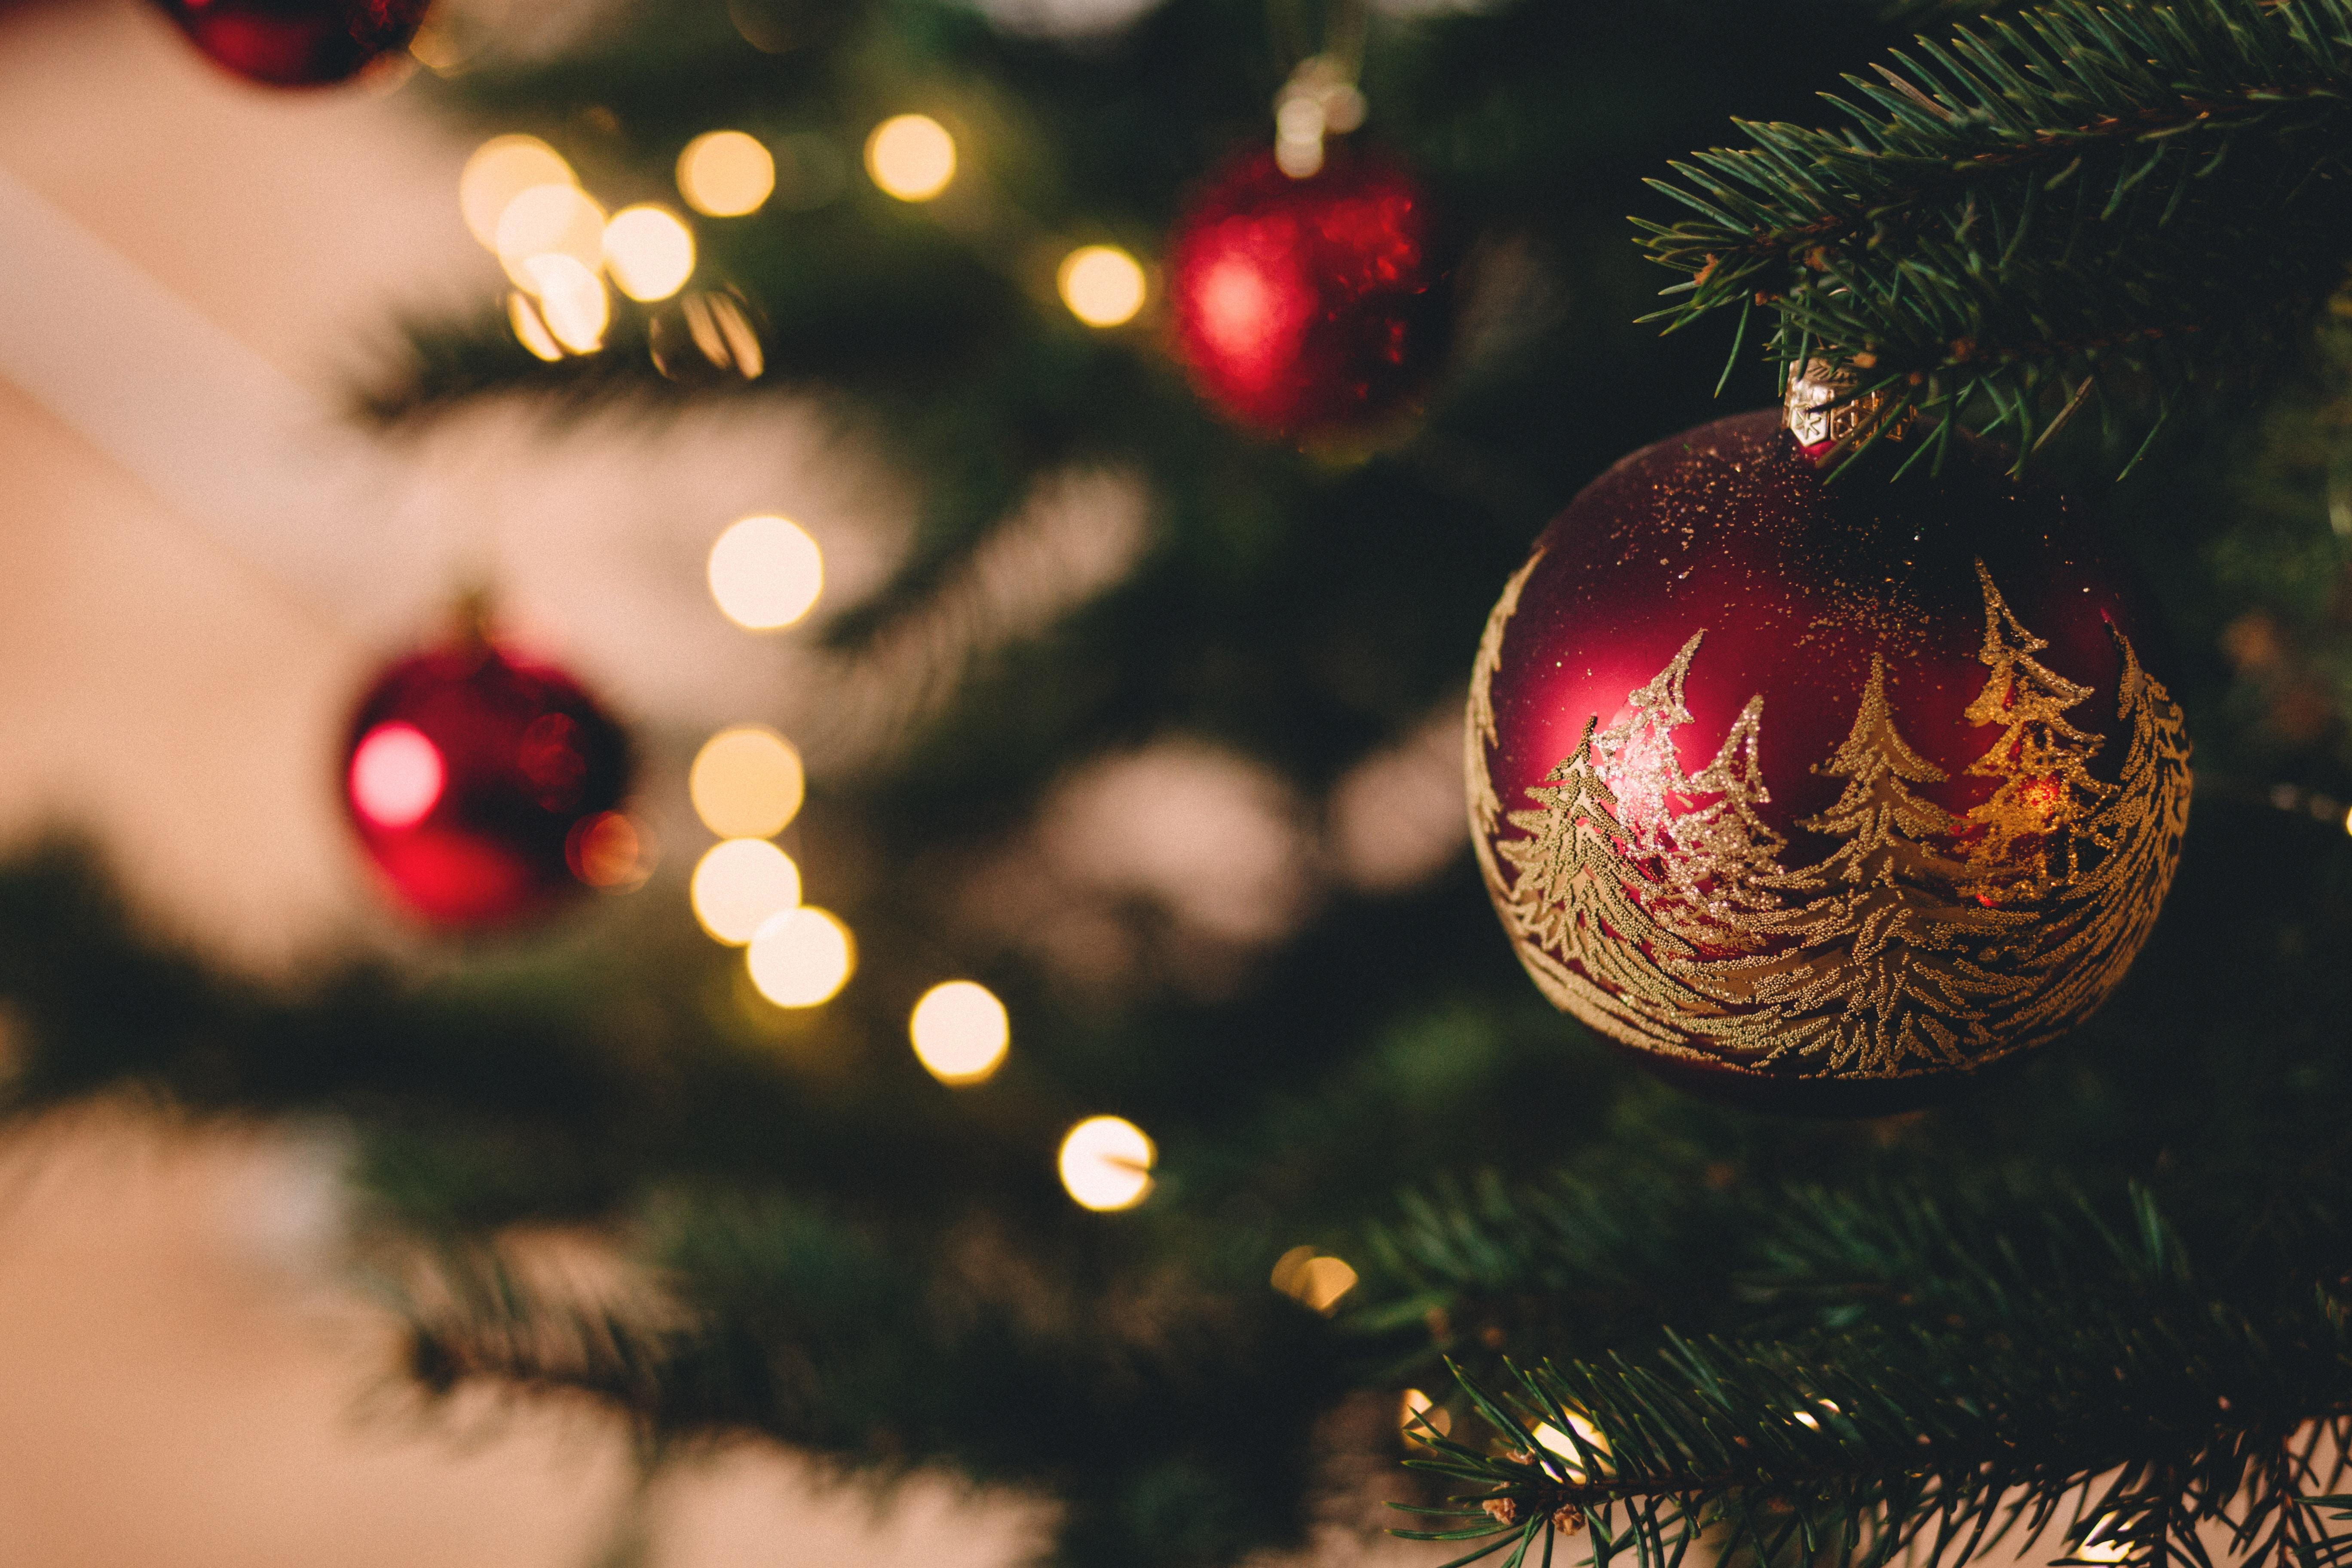 La navidad es una celebración con muchas tradiciones, entre ellas, los famoso villancicos. (Foto Prensa Libre: Unsplash)